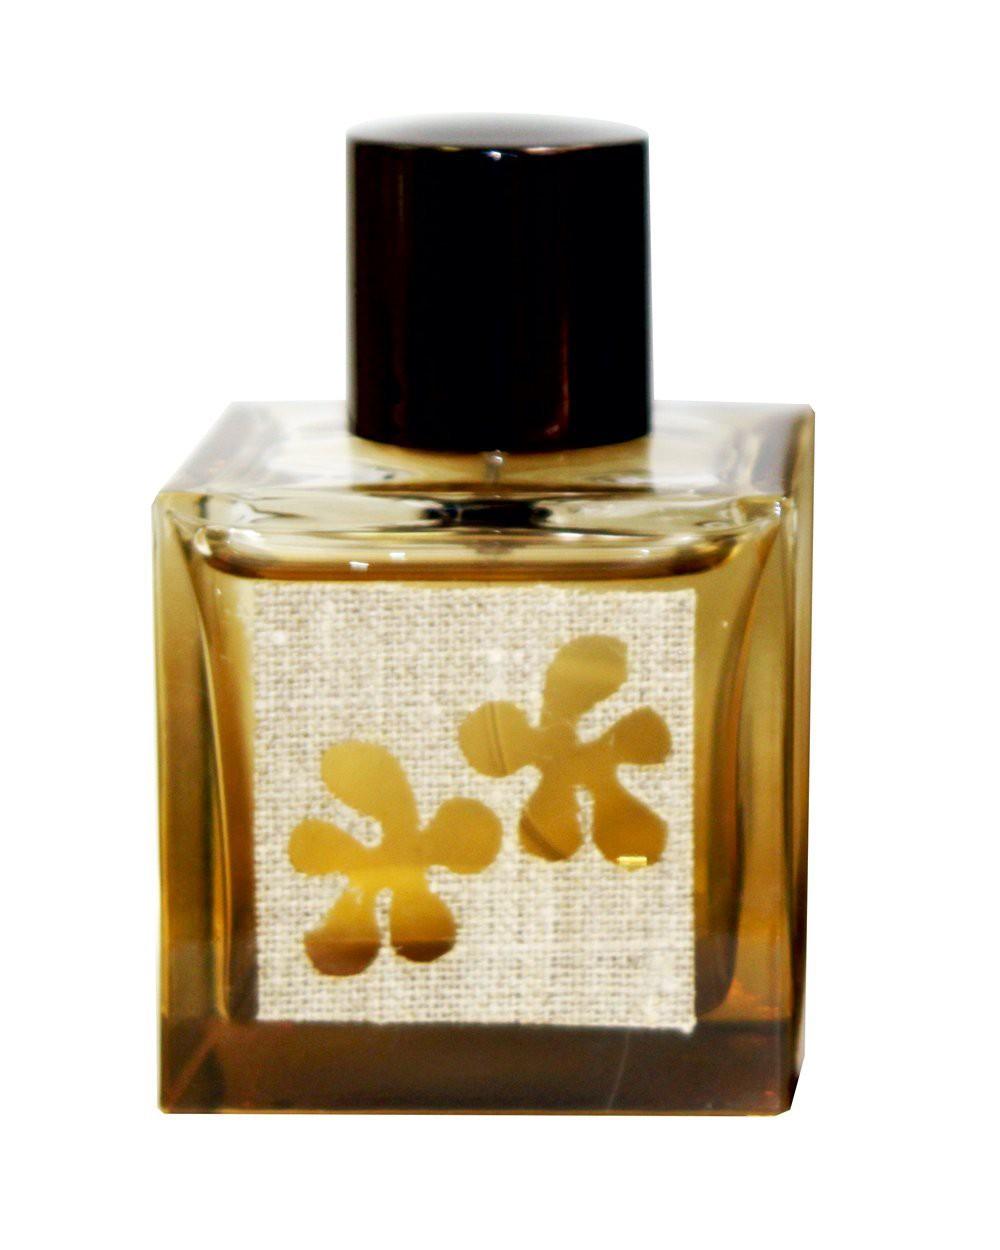 M. Micallef Vanille Marine аромат для женщин